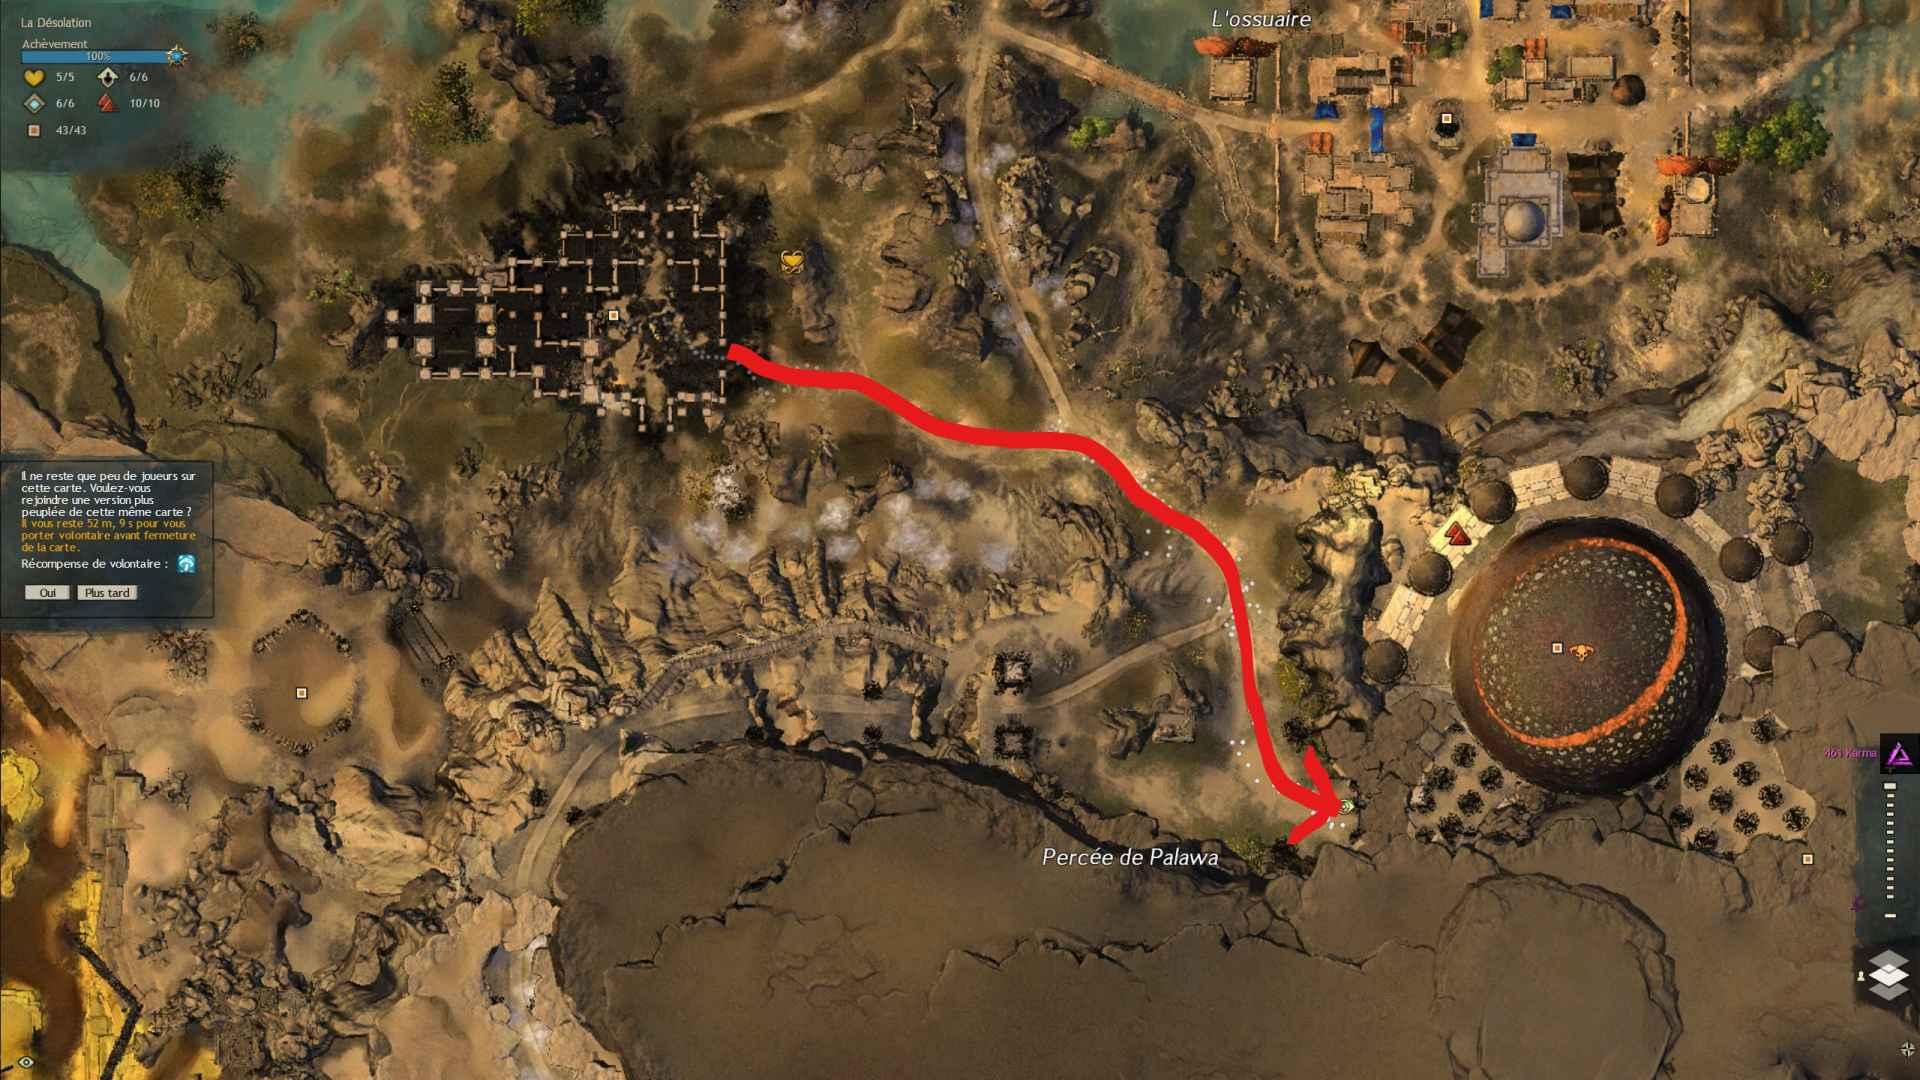 3 escorter zuni et les 4 villageois jusqu au portes de la pergola du marechal des clans b compressed